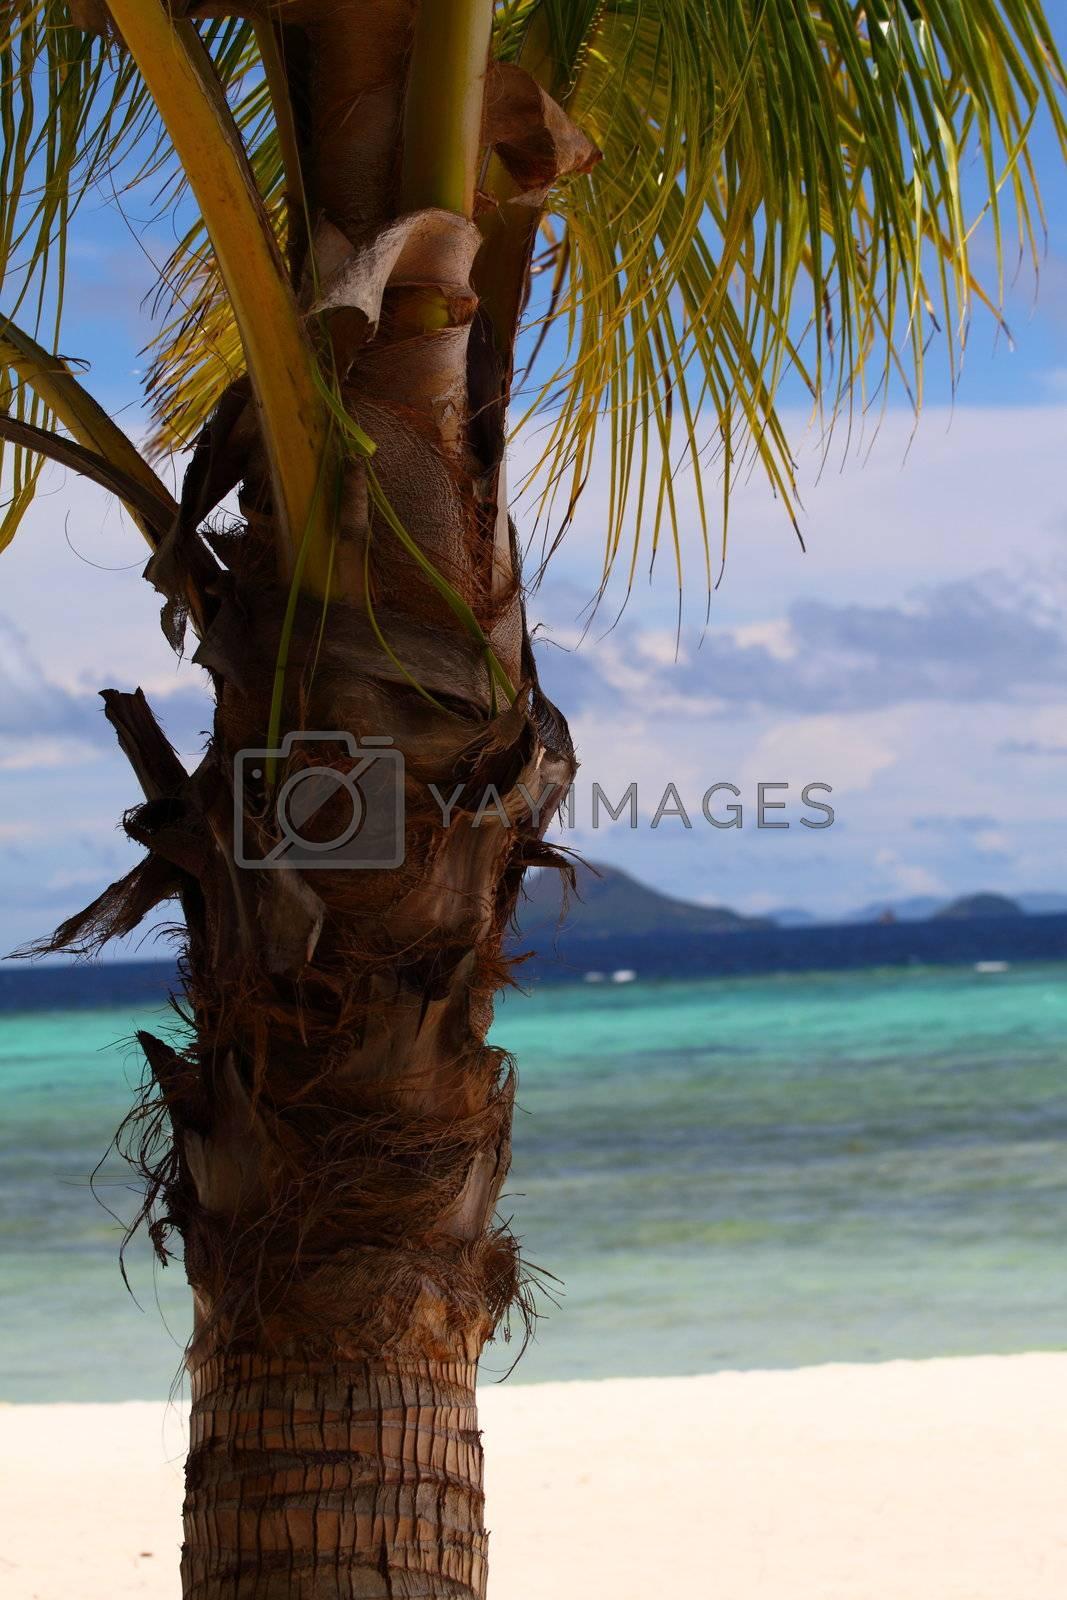 Philippines Coron and Malcapuya Island